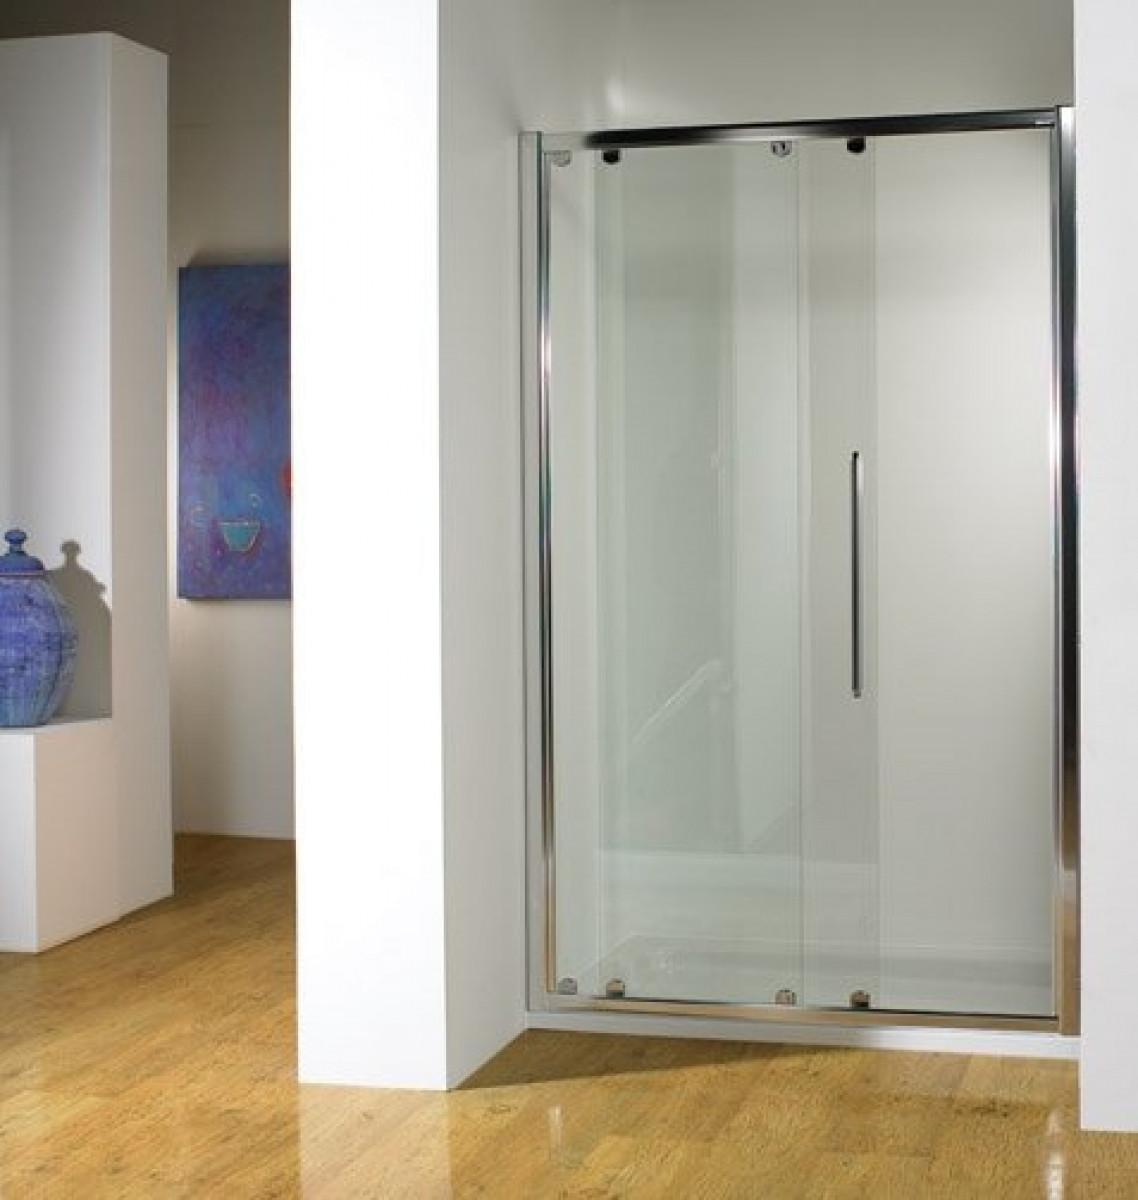 Kudos original 1500mm straight sliding shower door 3sd150s for 1500 sliding shower door